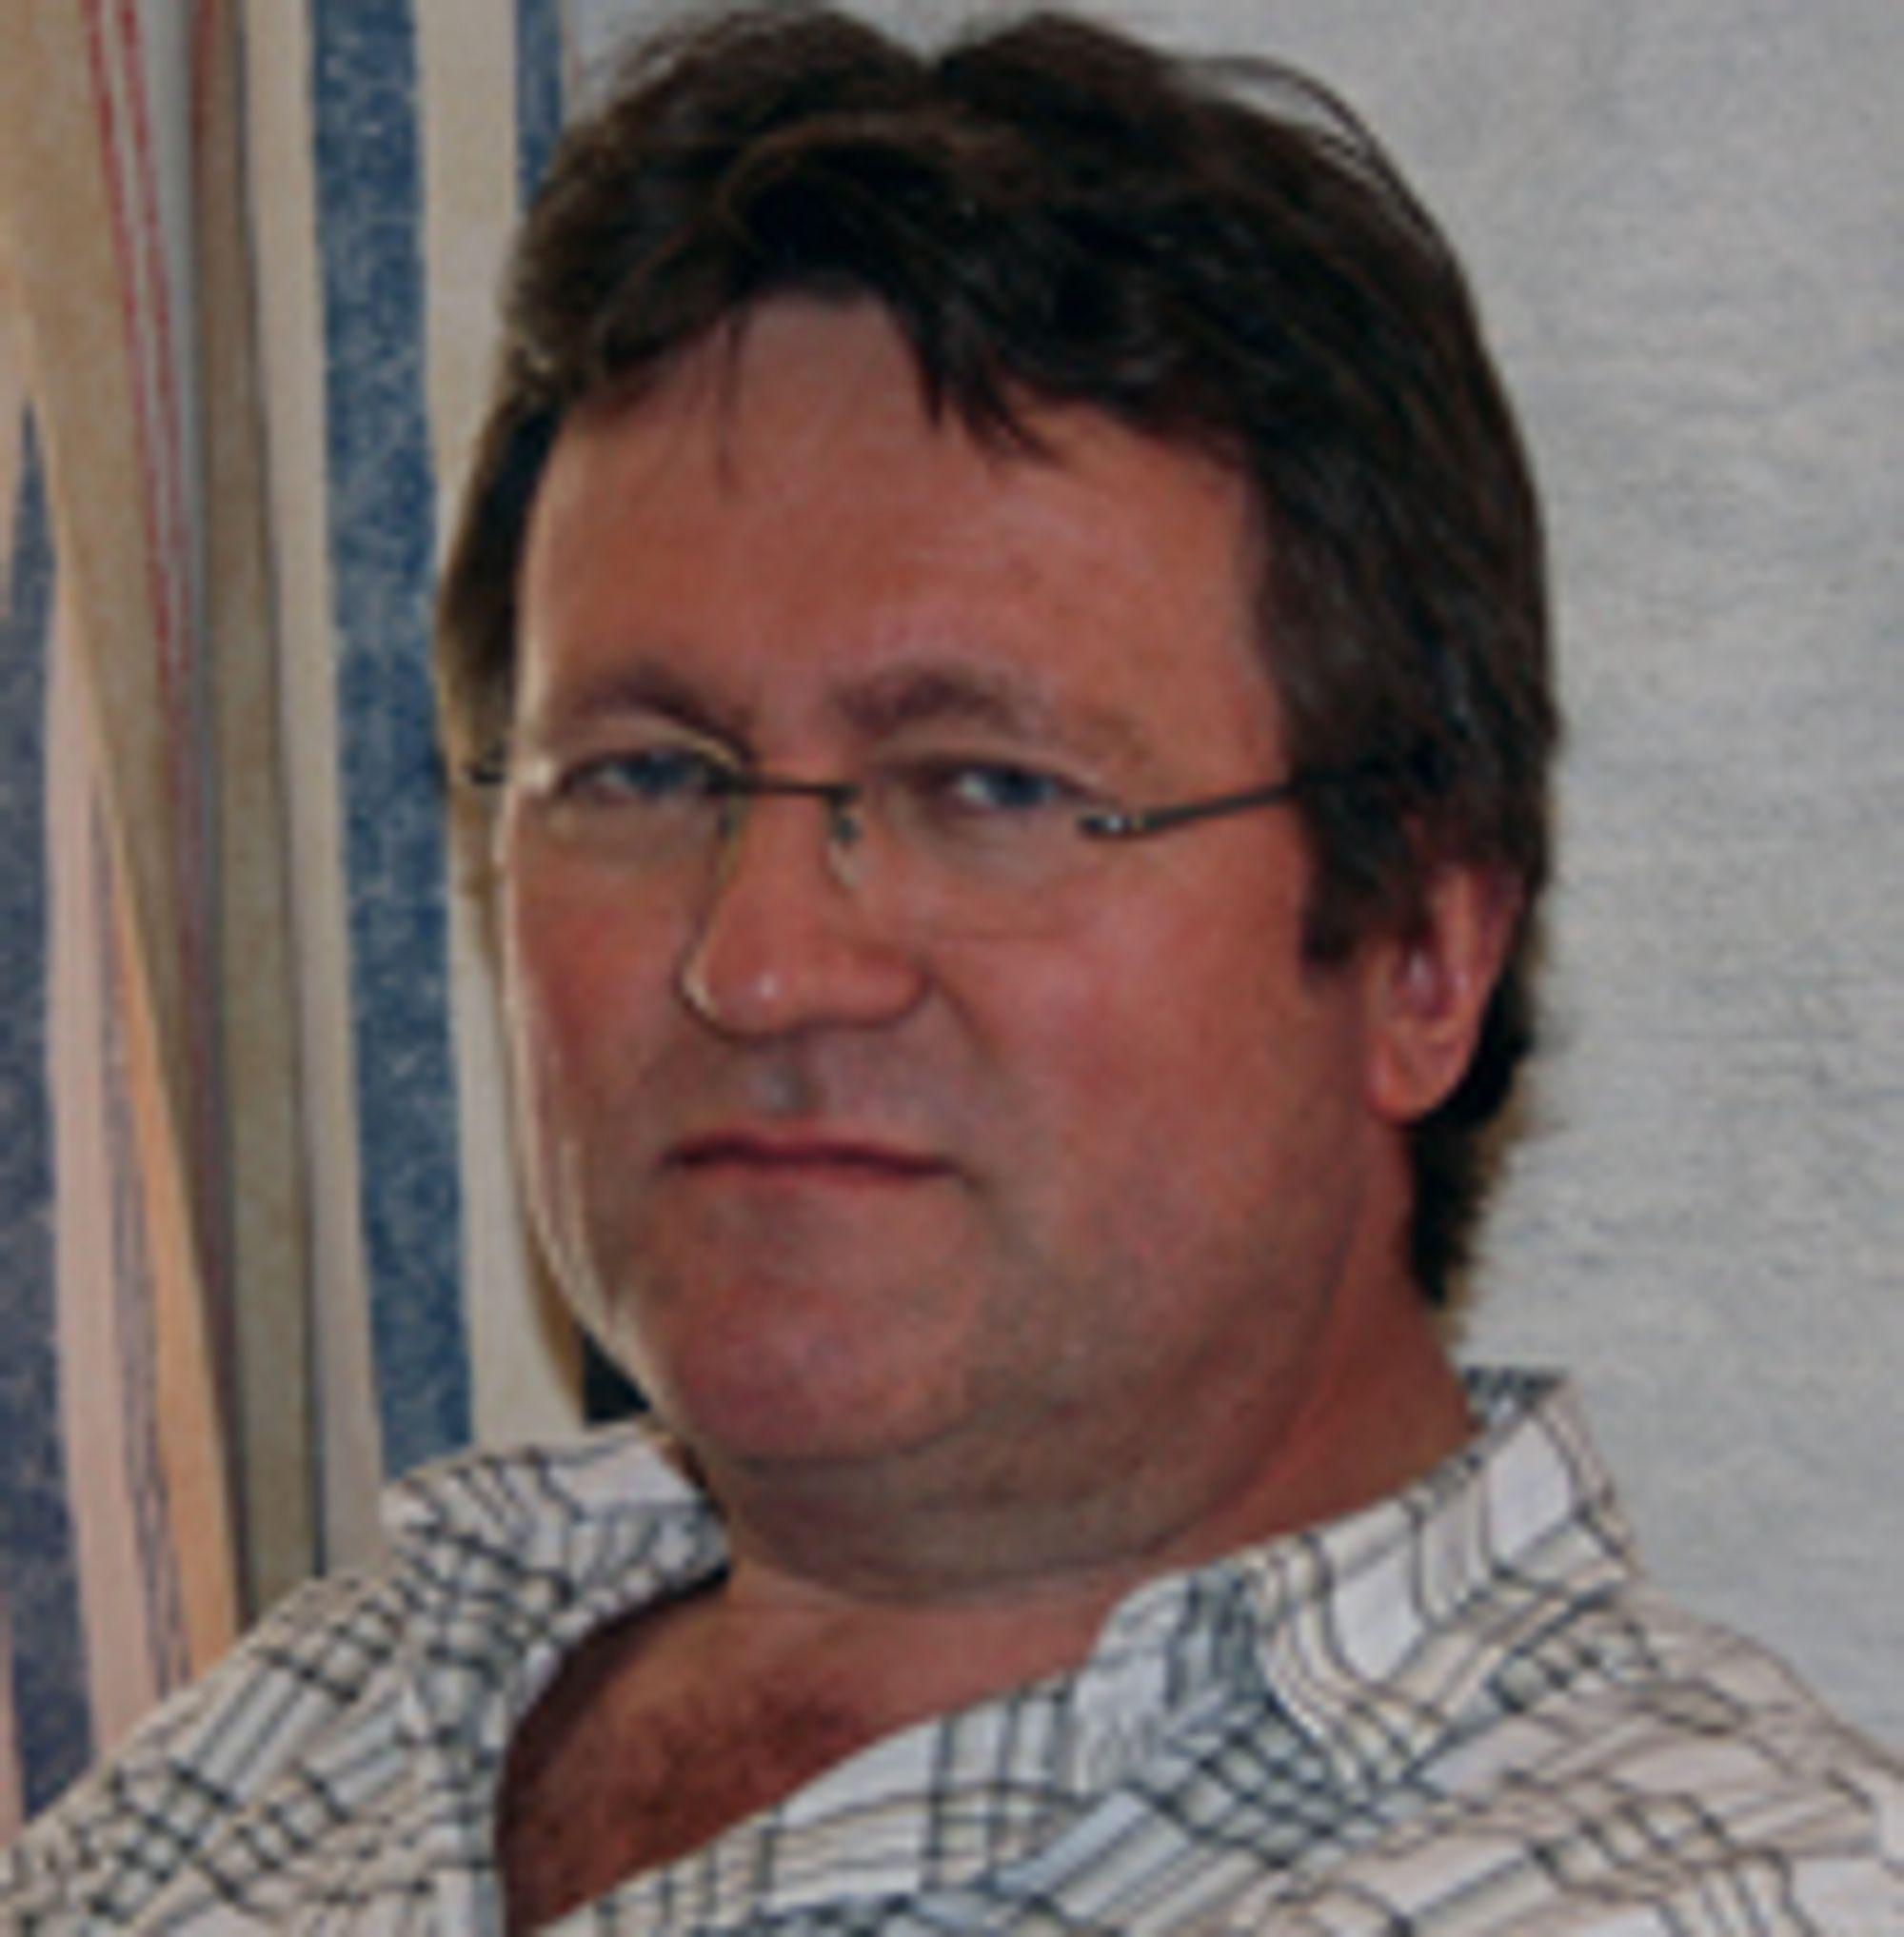 Nestleder i fagforeningen Safe, Roy Erling Furre.